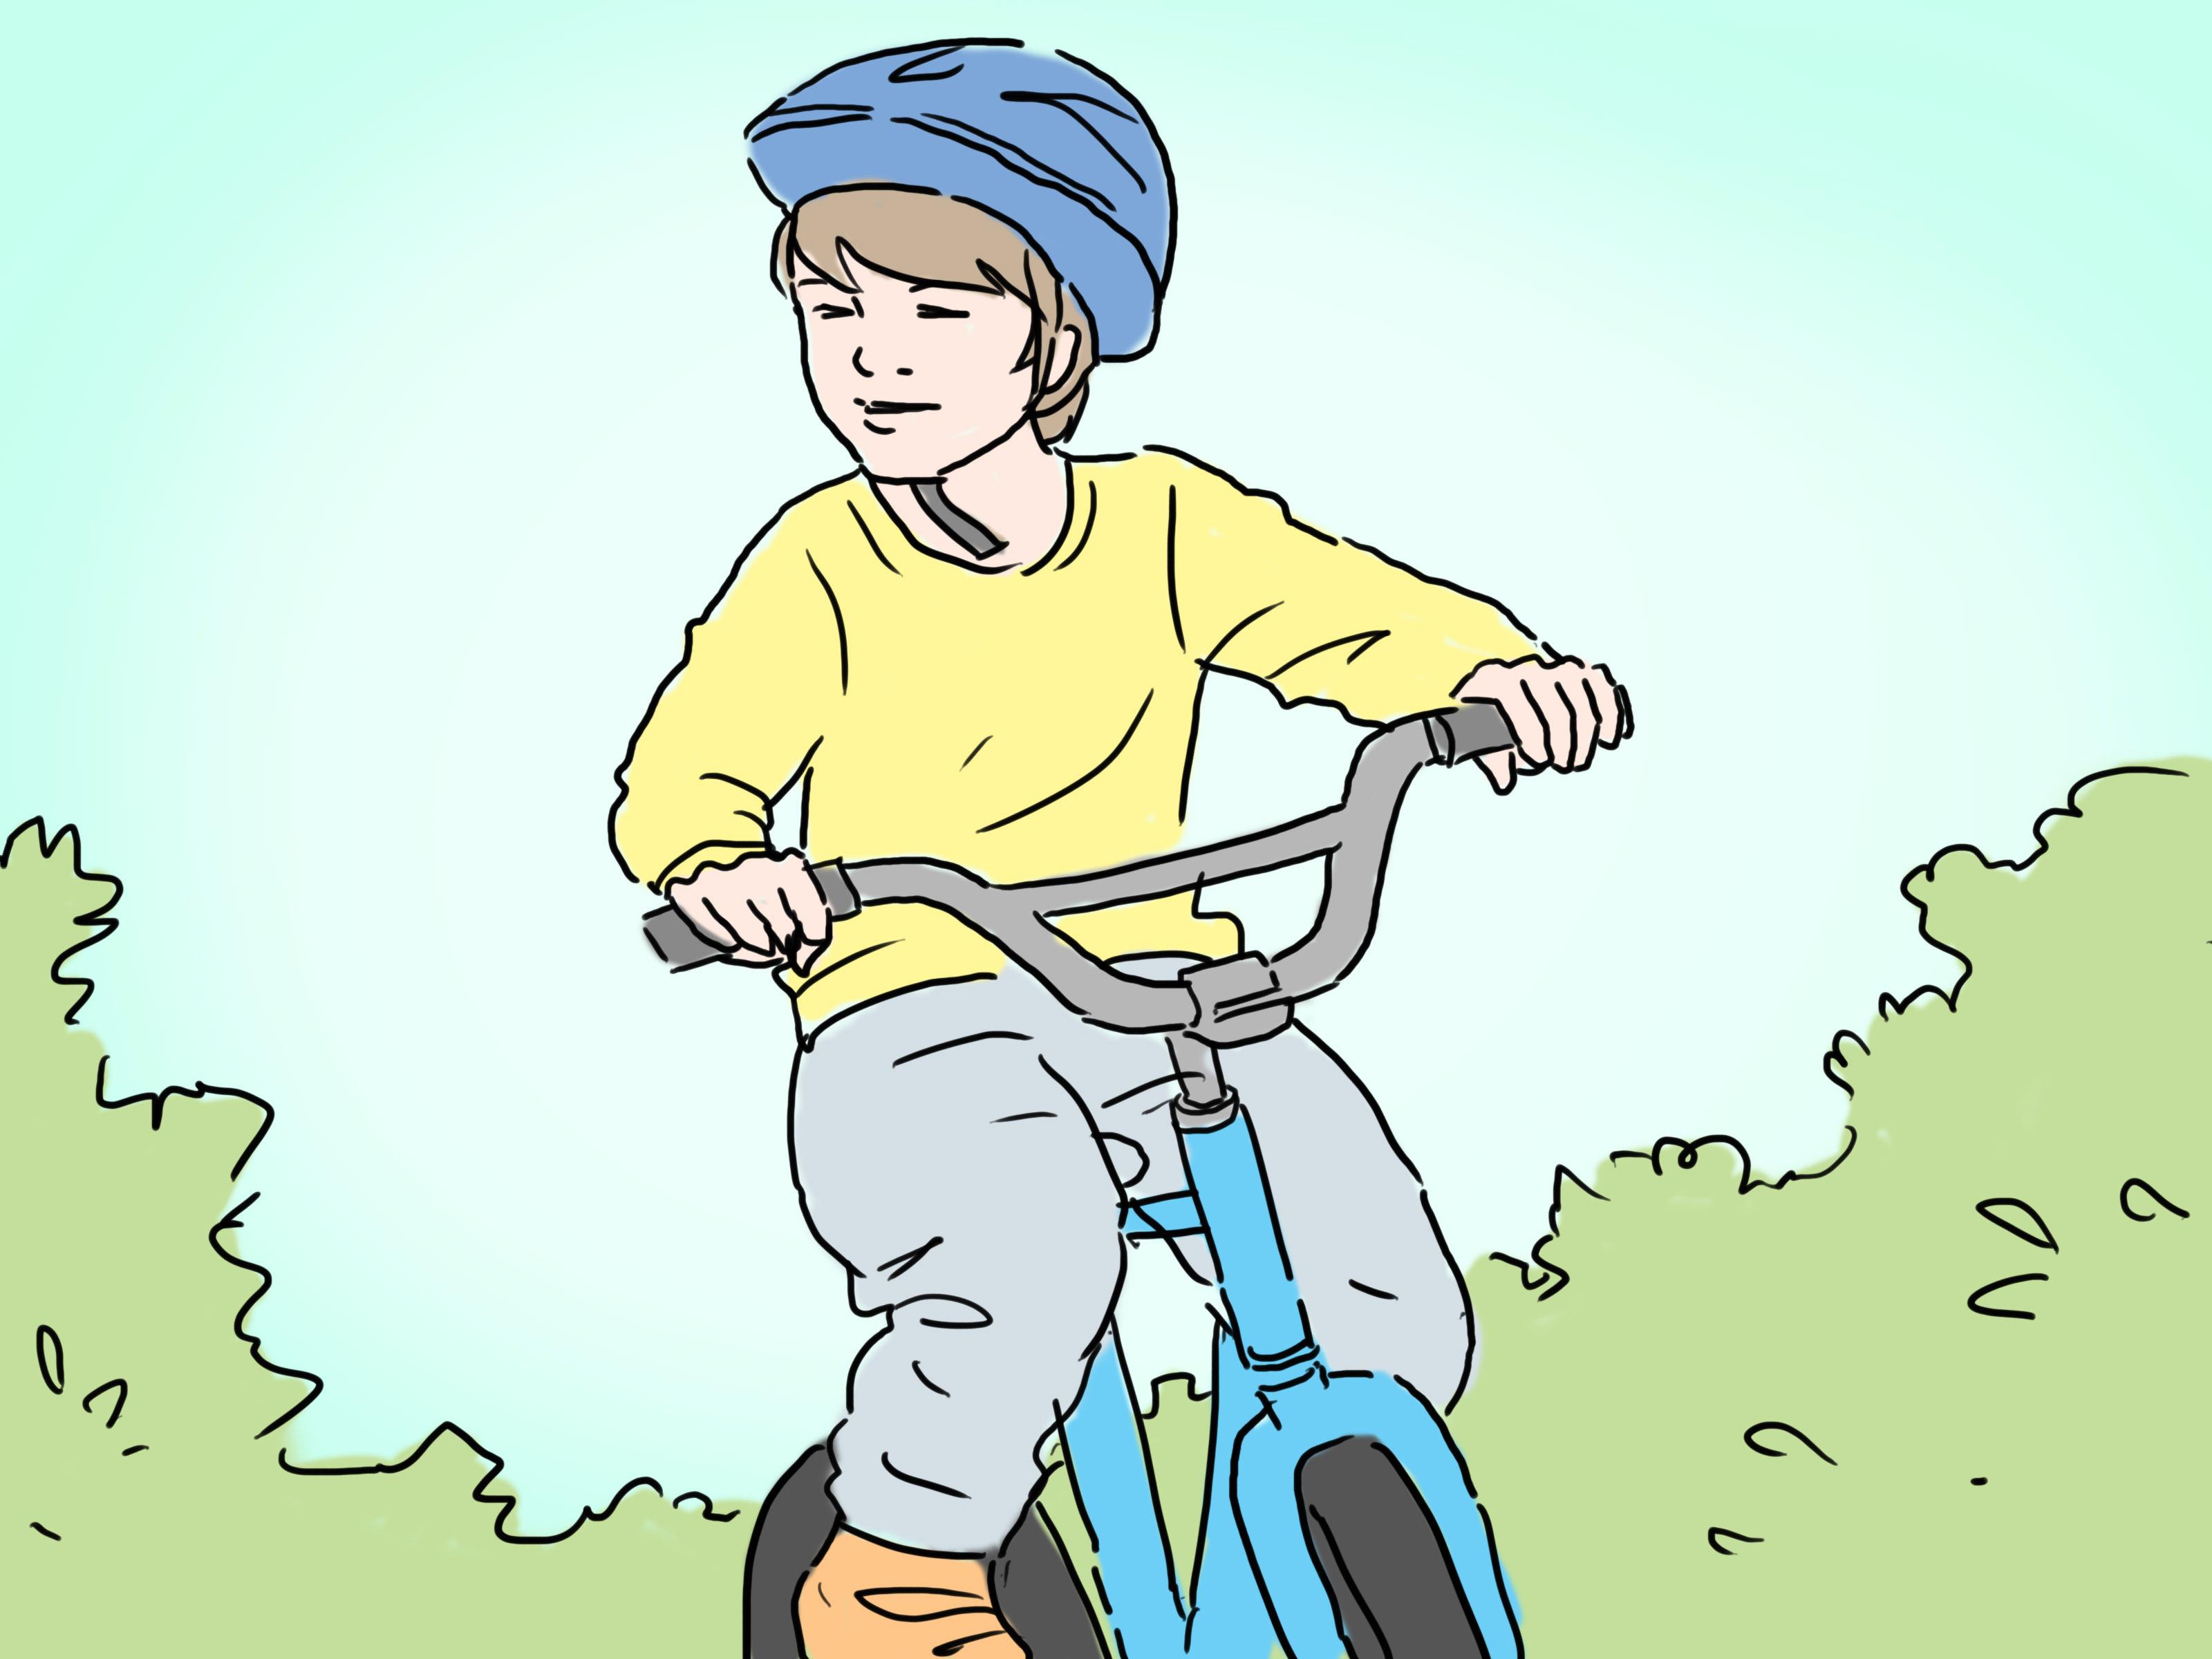 Как безопасно ездить на велосипеде (с иллюстрациями)